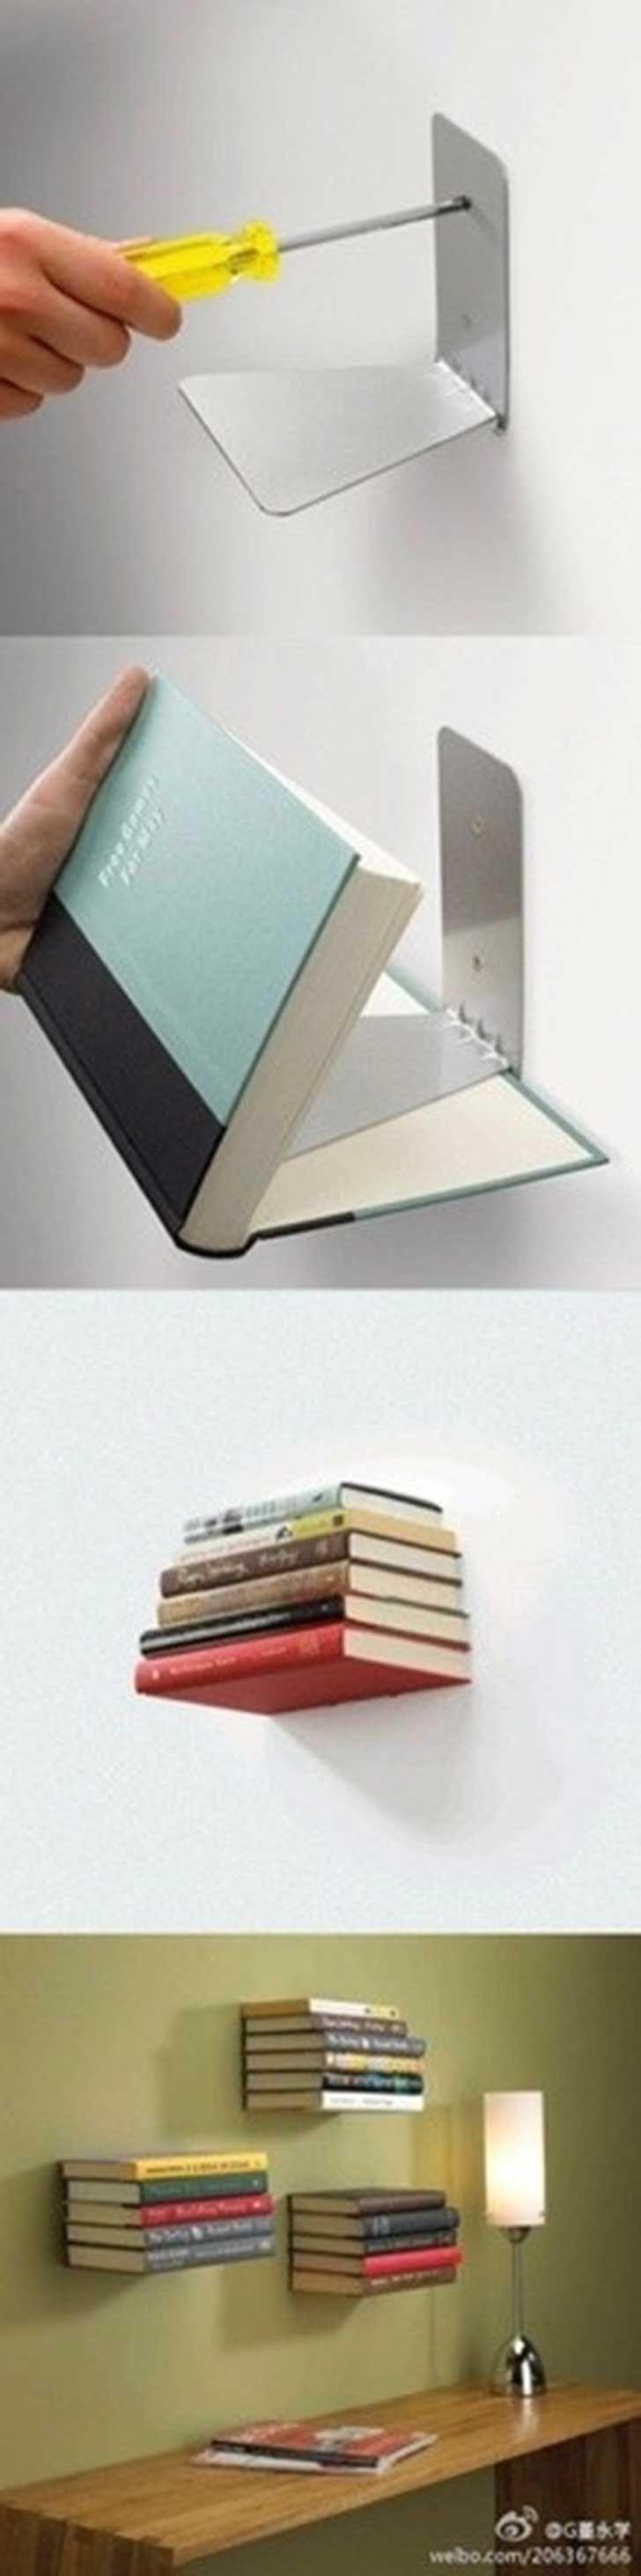 Estantes de libros flotantes!